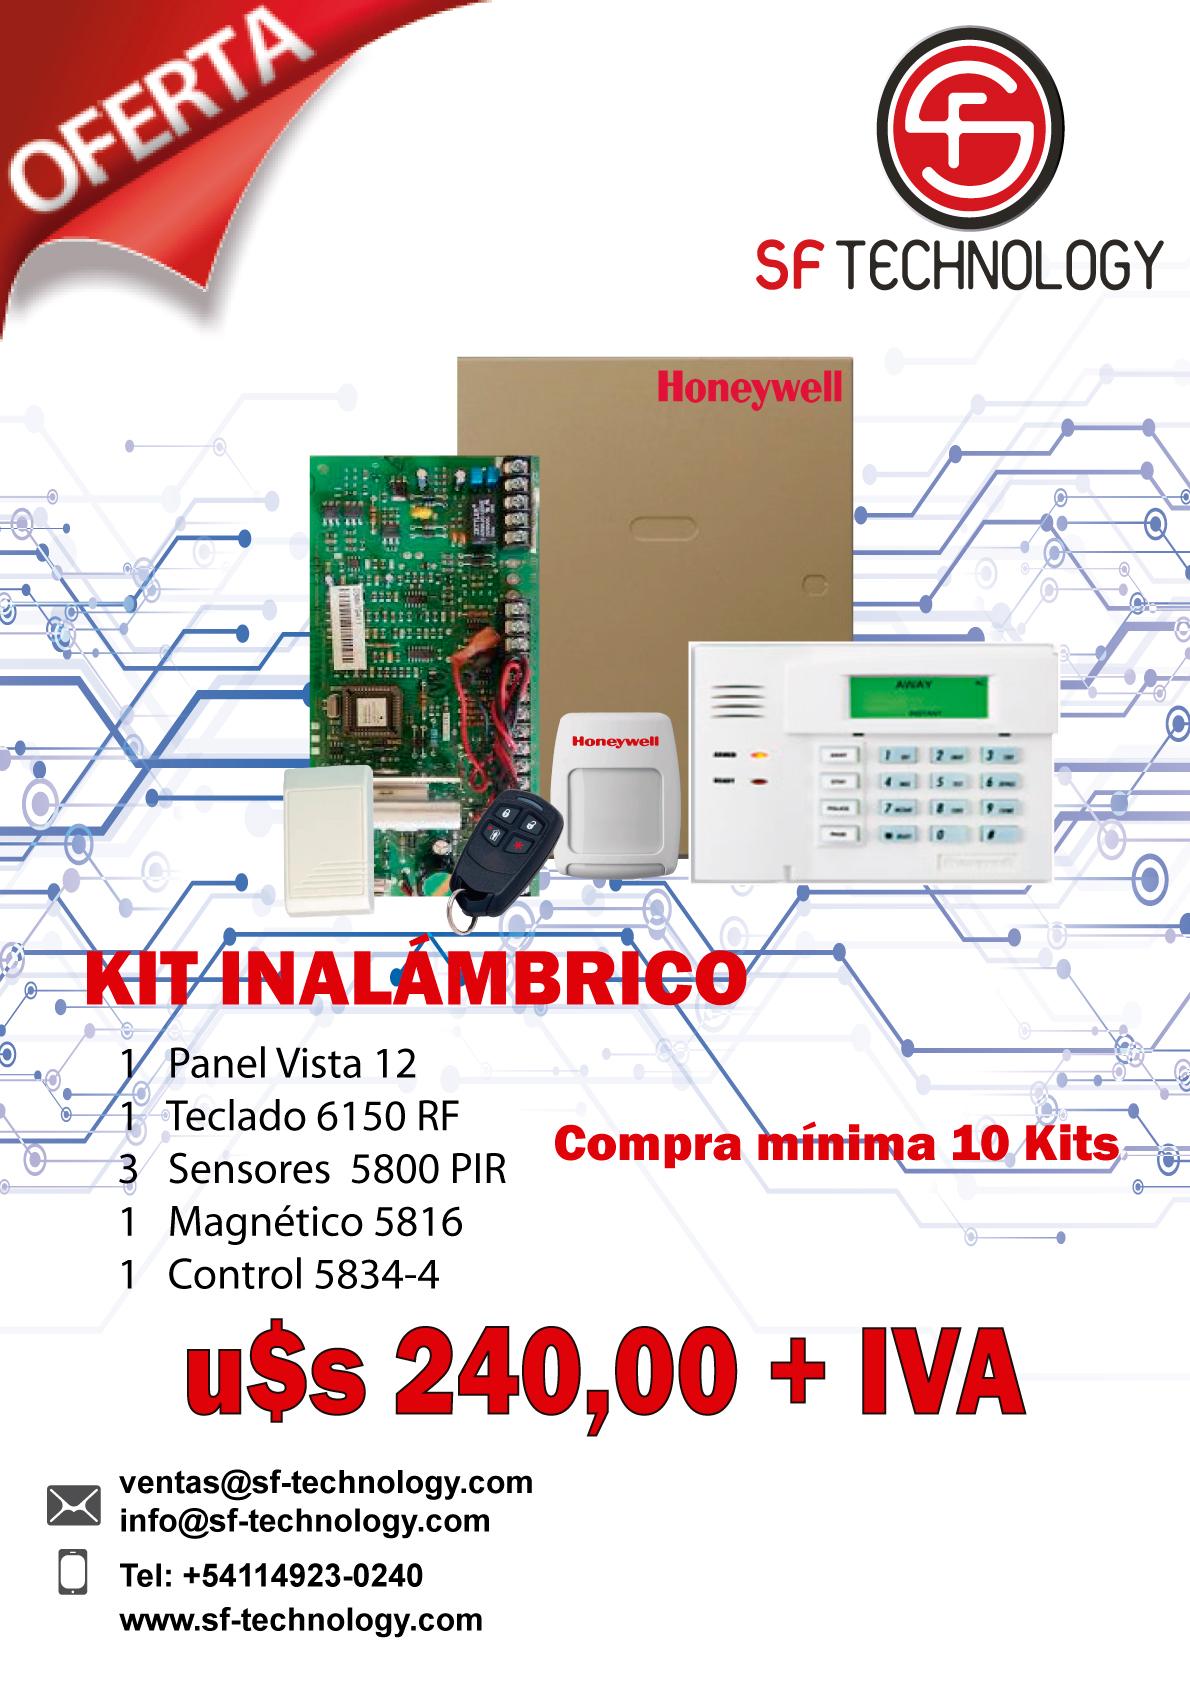 kit-inalambrico-no-2